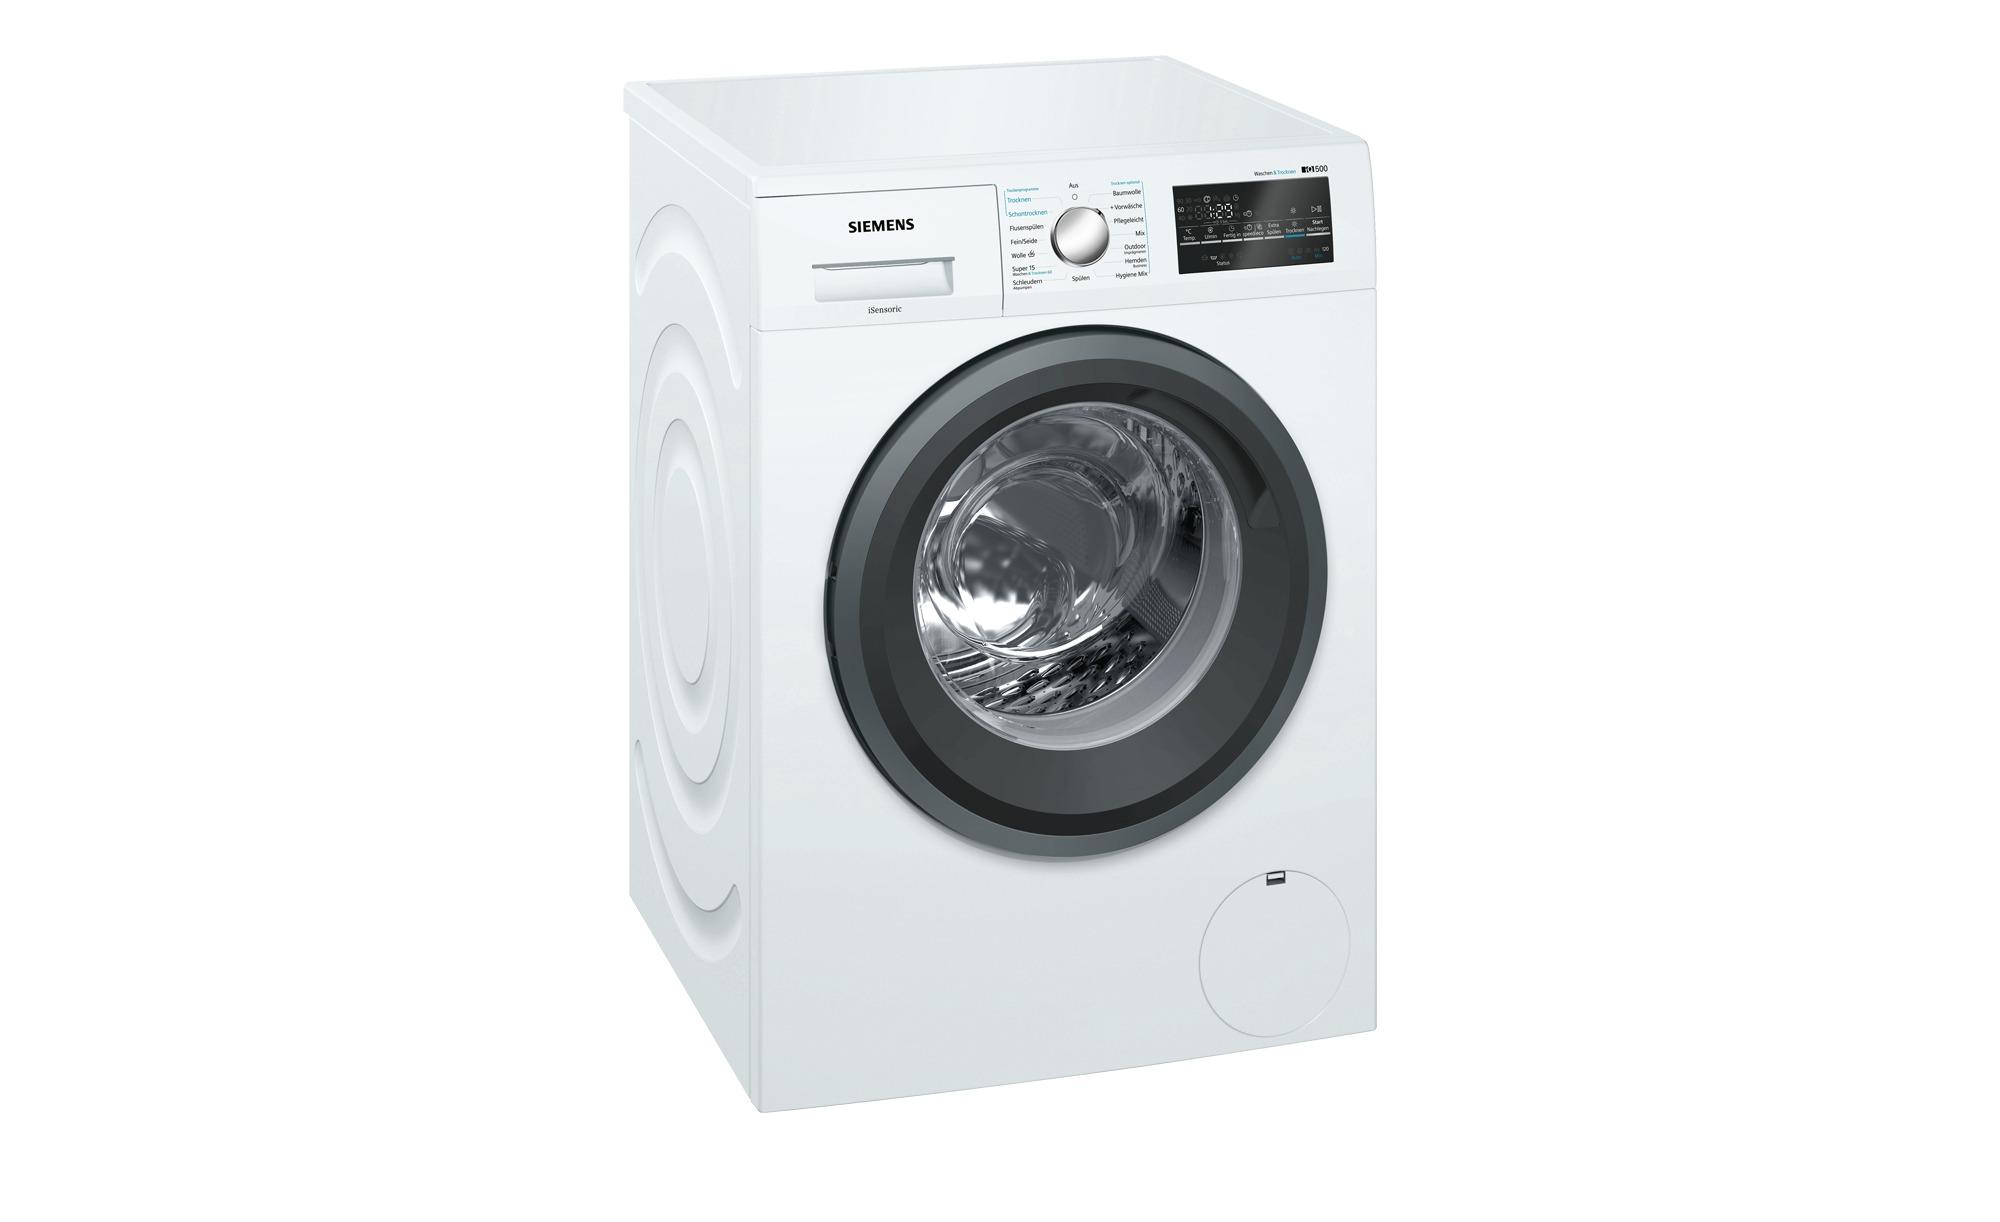 SIEMENS Waschtrockner  WD 15 G 443 - weiß - Kunststoff, Glas , Metall-lackiert - 60 cm - 85 cm - 59 cm - Elektrogeräte > Waschtrockner - Möbel Kraft | Bad > Waschmaschinen und Trockner > Waschtrockner | Glas - Metall | SIEMENS